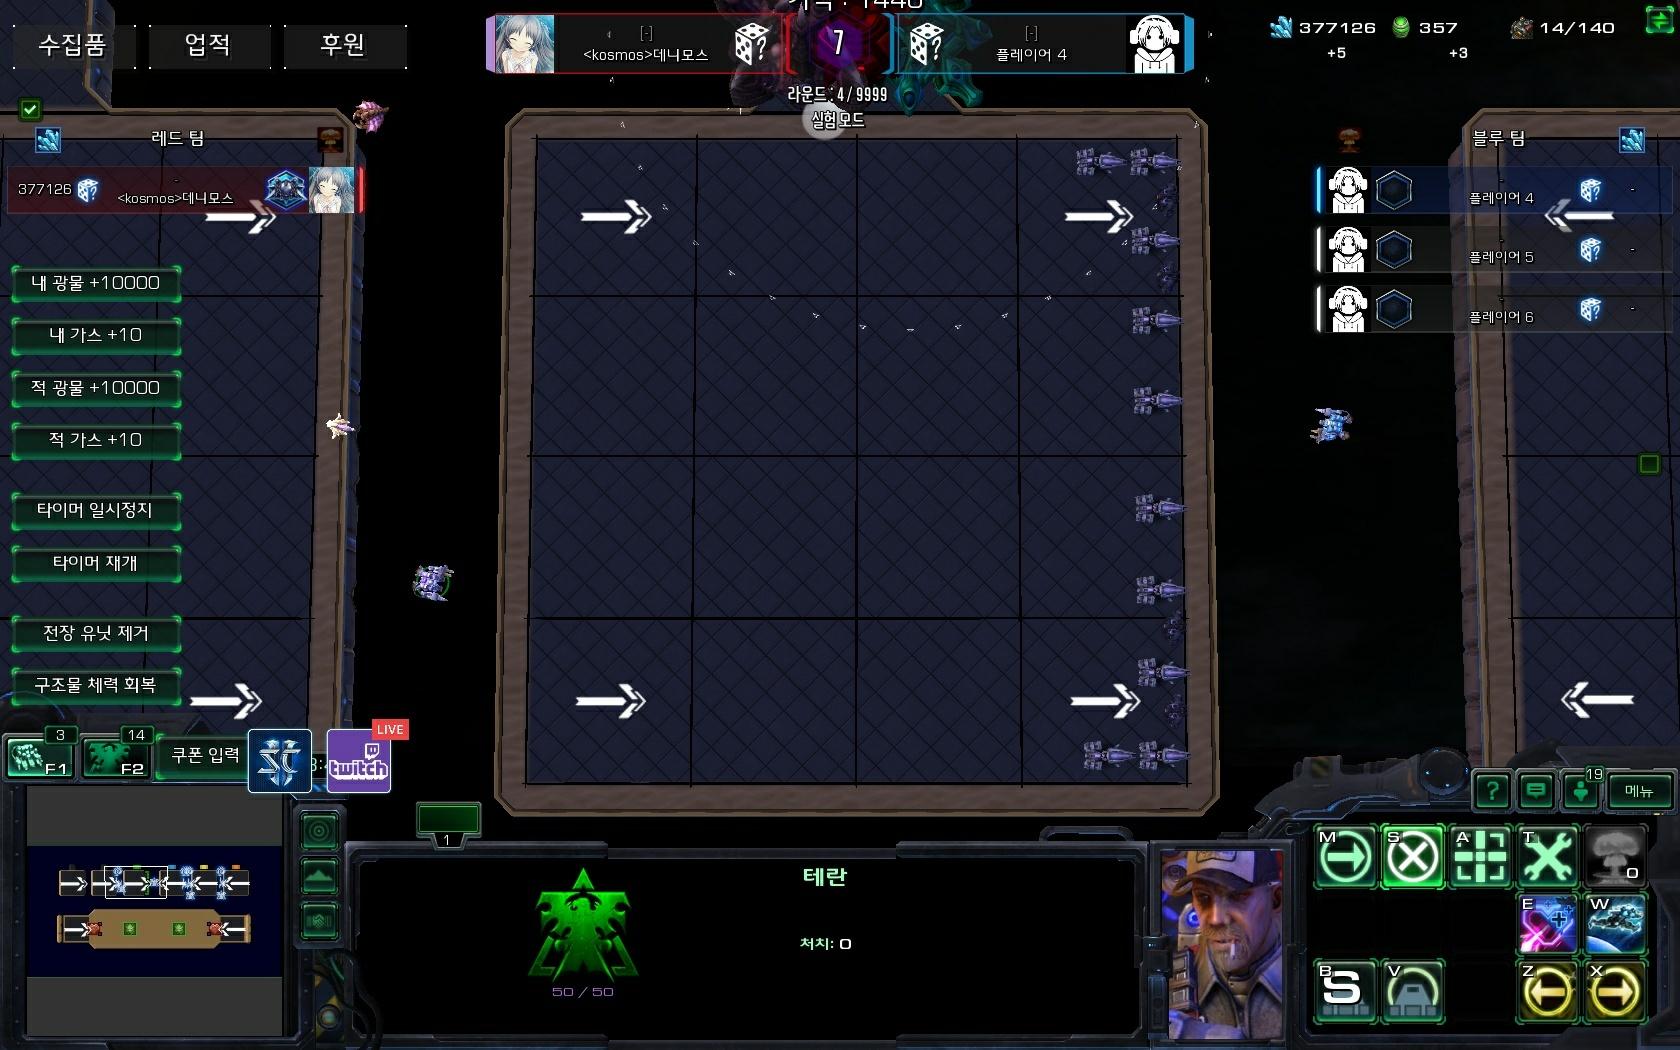 Screenshot2020-08-09 09_56_32.jpg